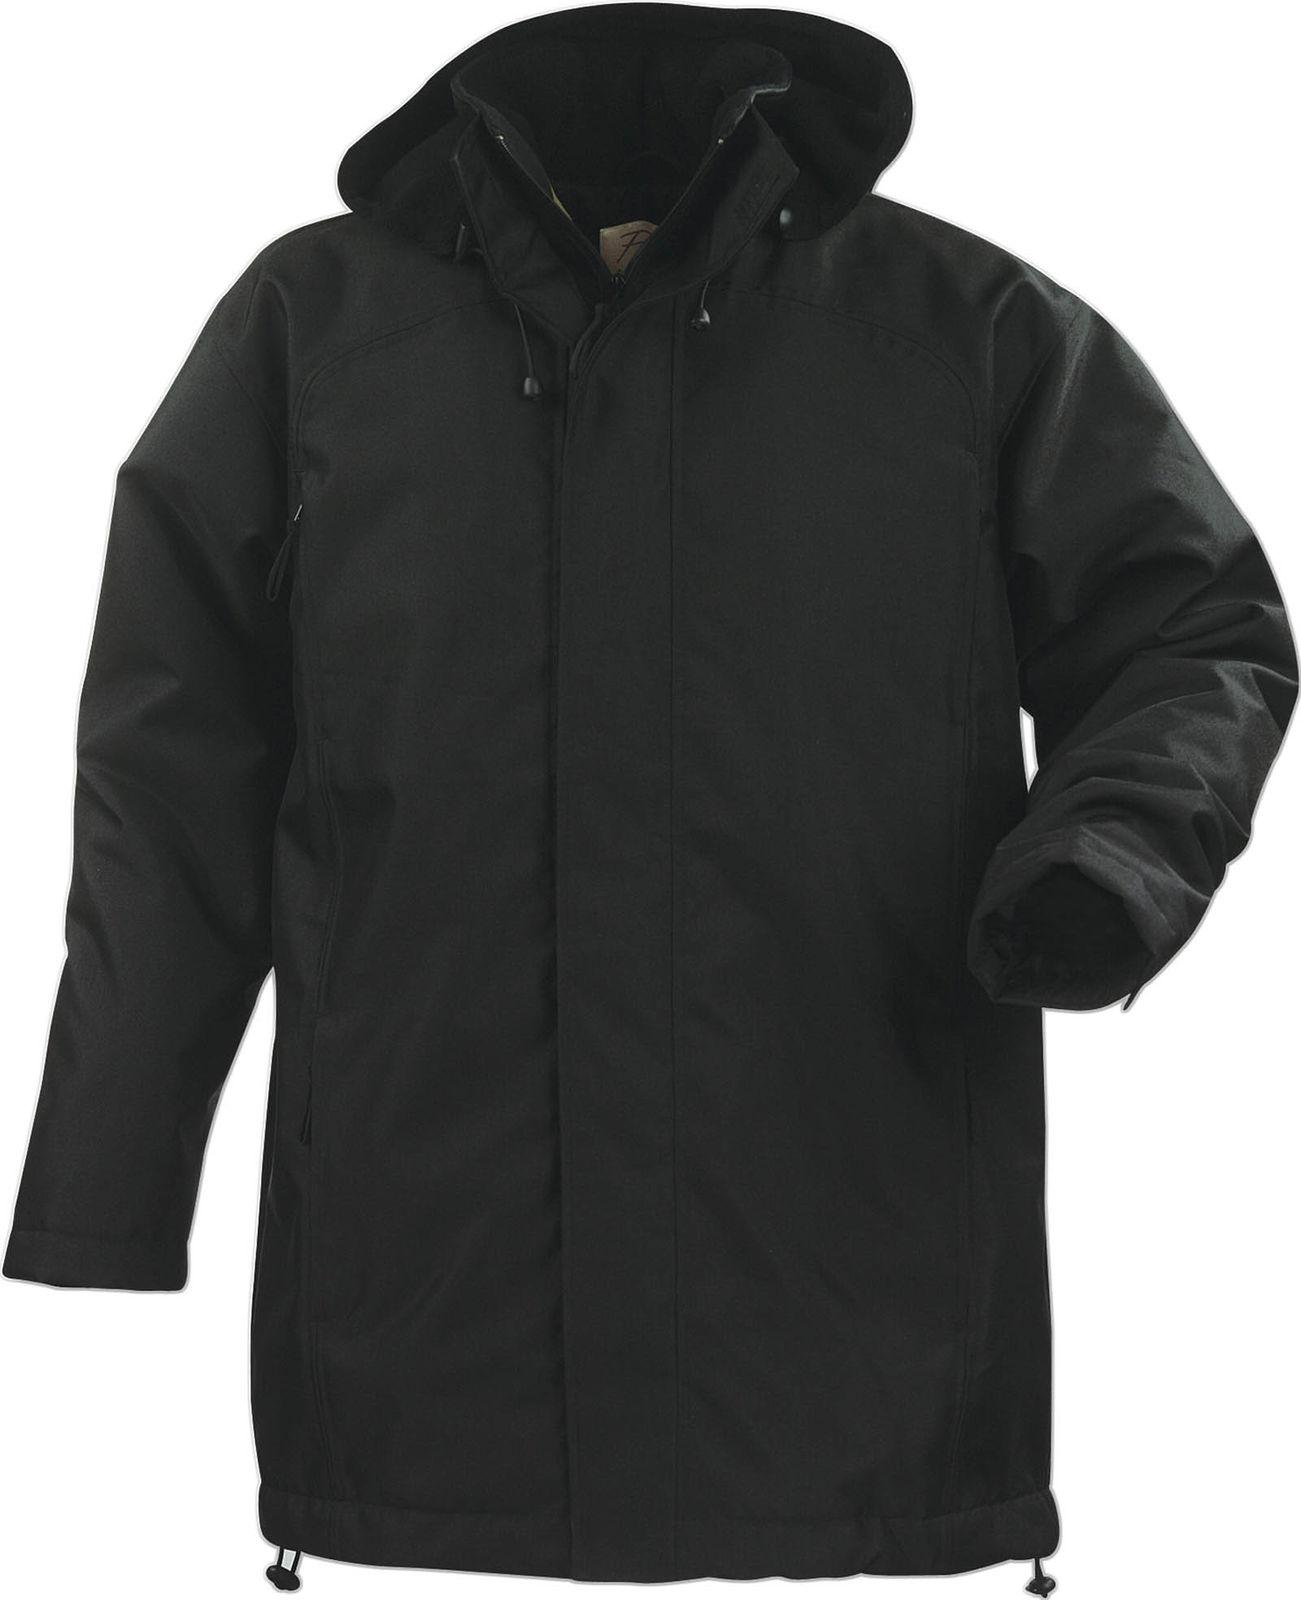 parka publicitaire doubl e polaire avec capuche amovible vestes personnalis es kelcom. Black Bedroom Furniture Sets. Home Design Ideas